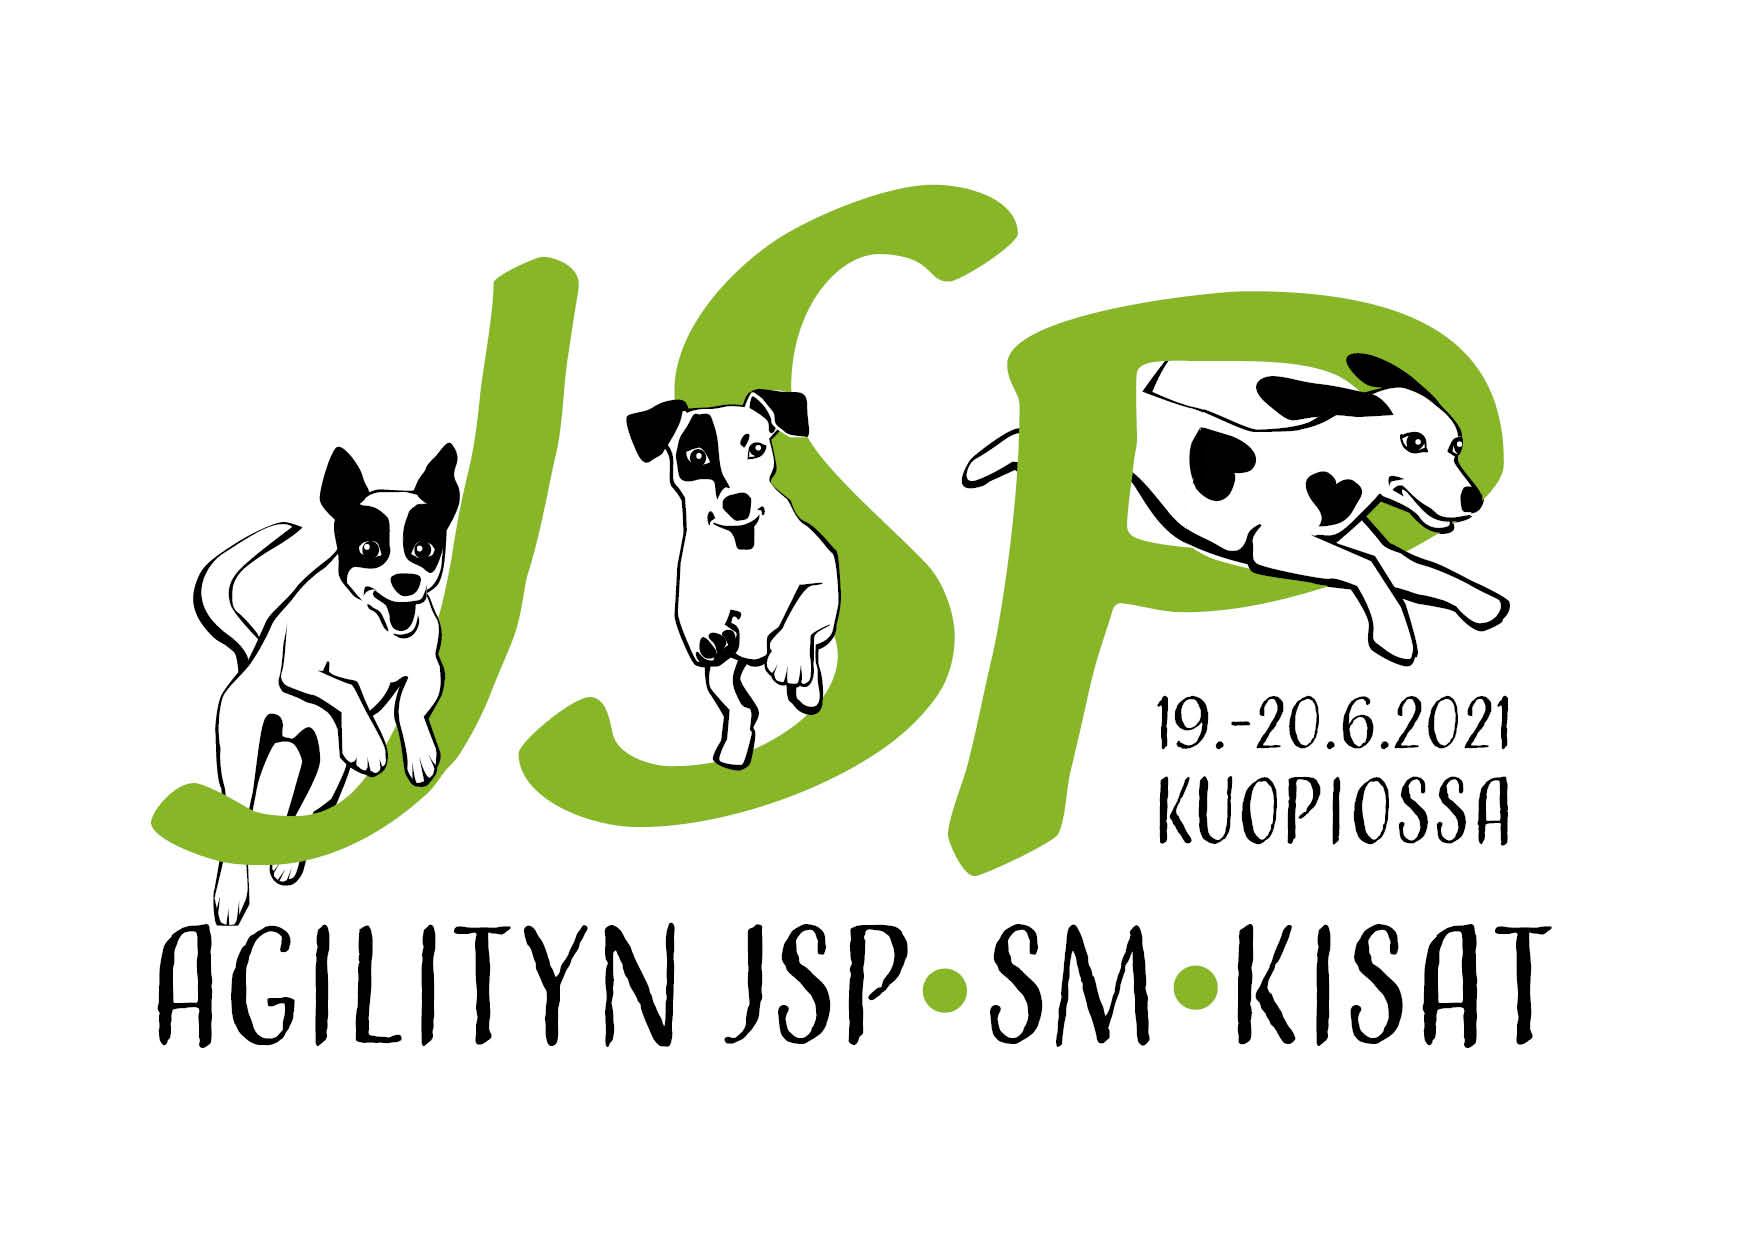 JSP SM -kisat 2021